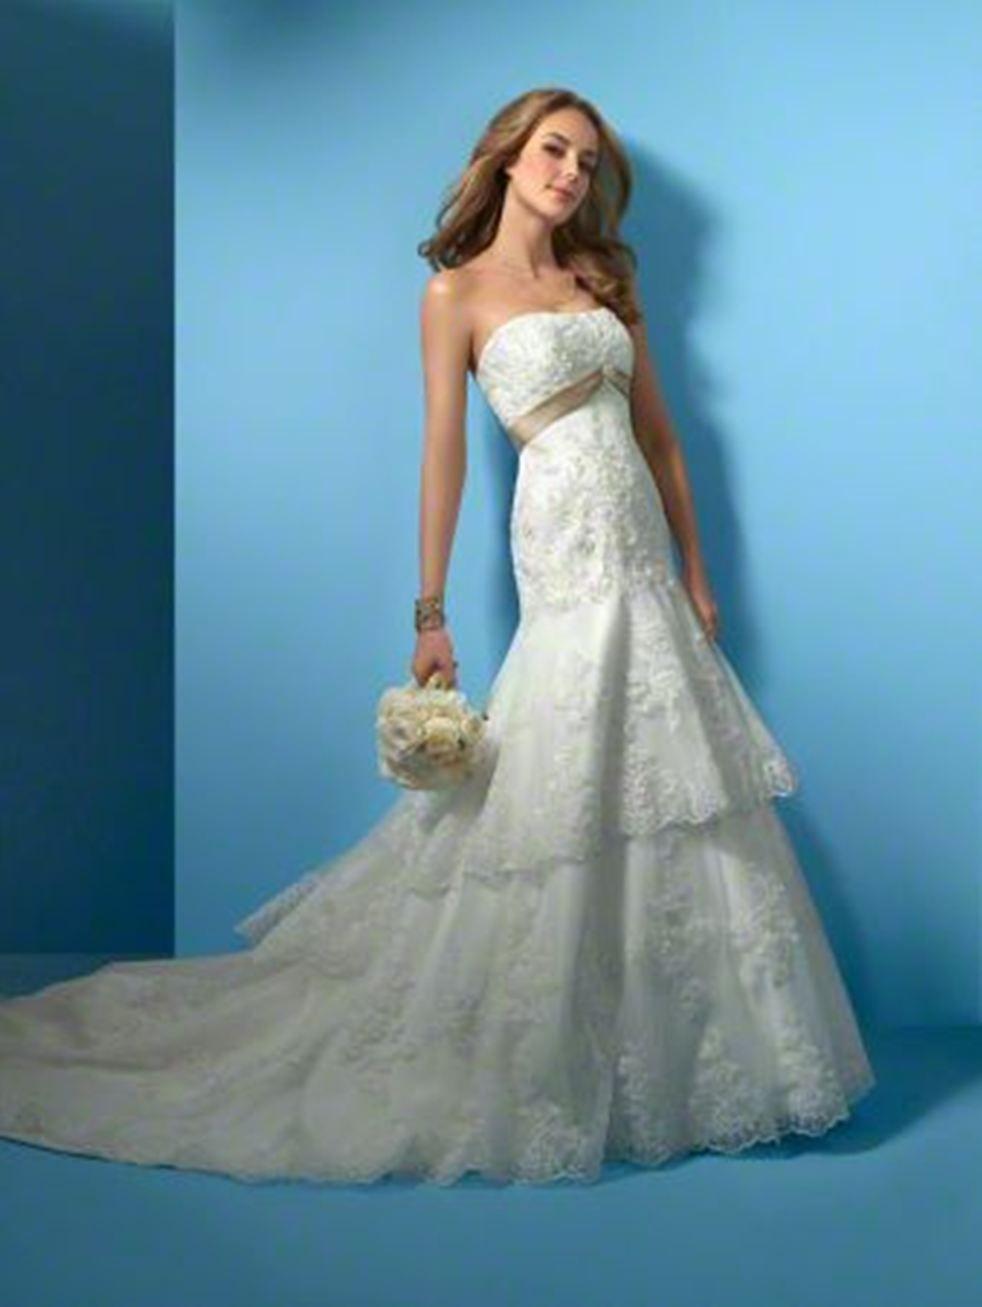 wedding dresses norman ok | deweddingjpg.com